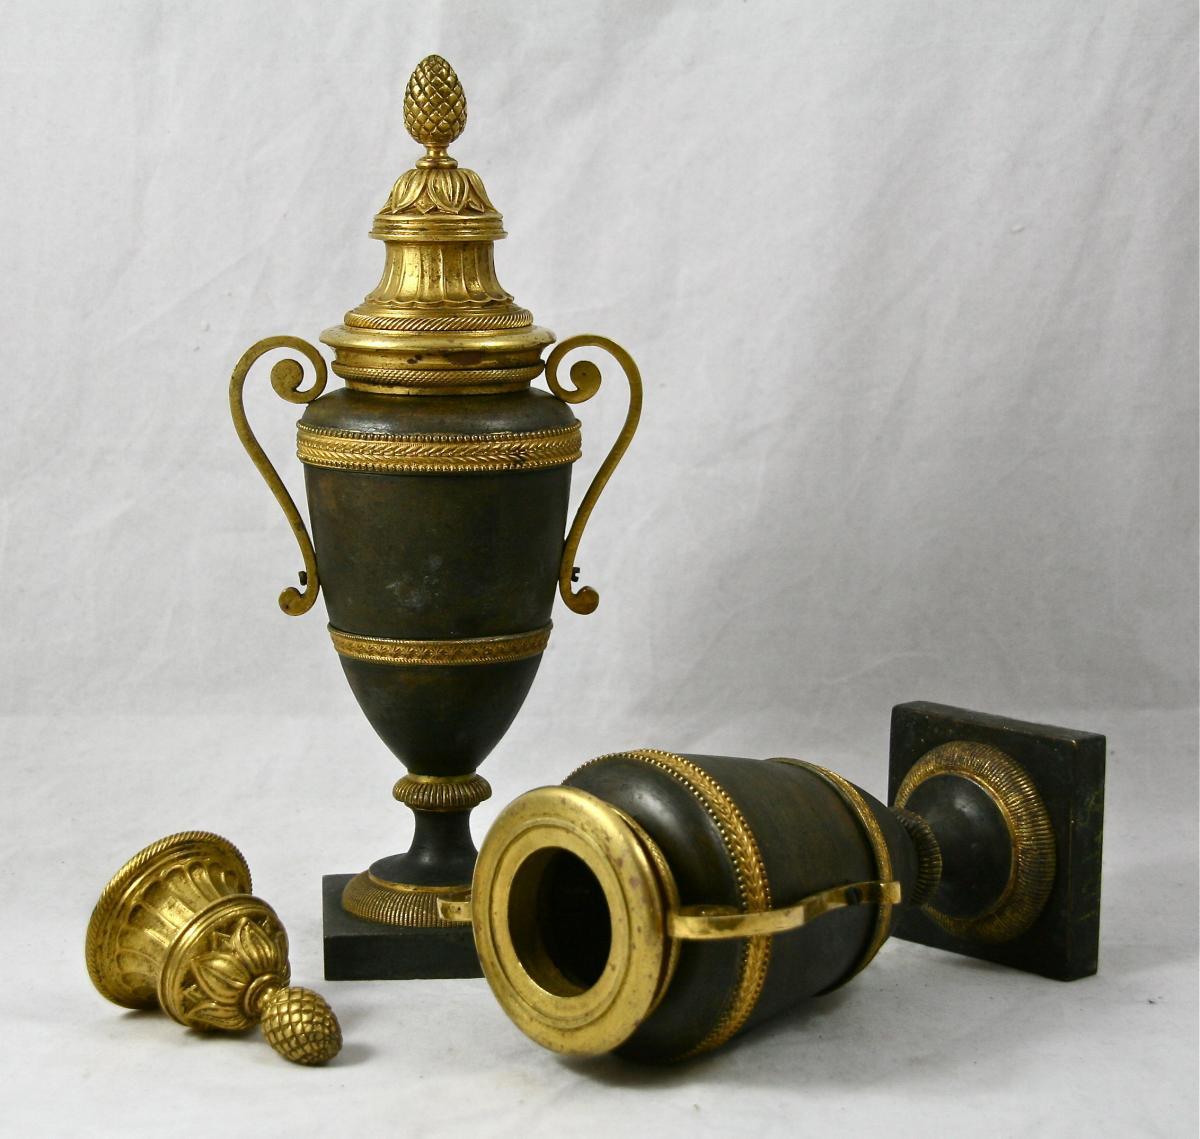 Paire De Vases Cassolettes Louis XVI En Bronze d'époque XVIIIème